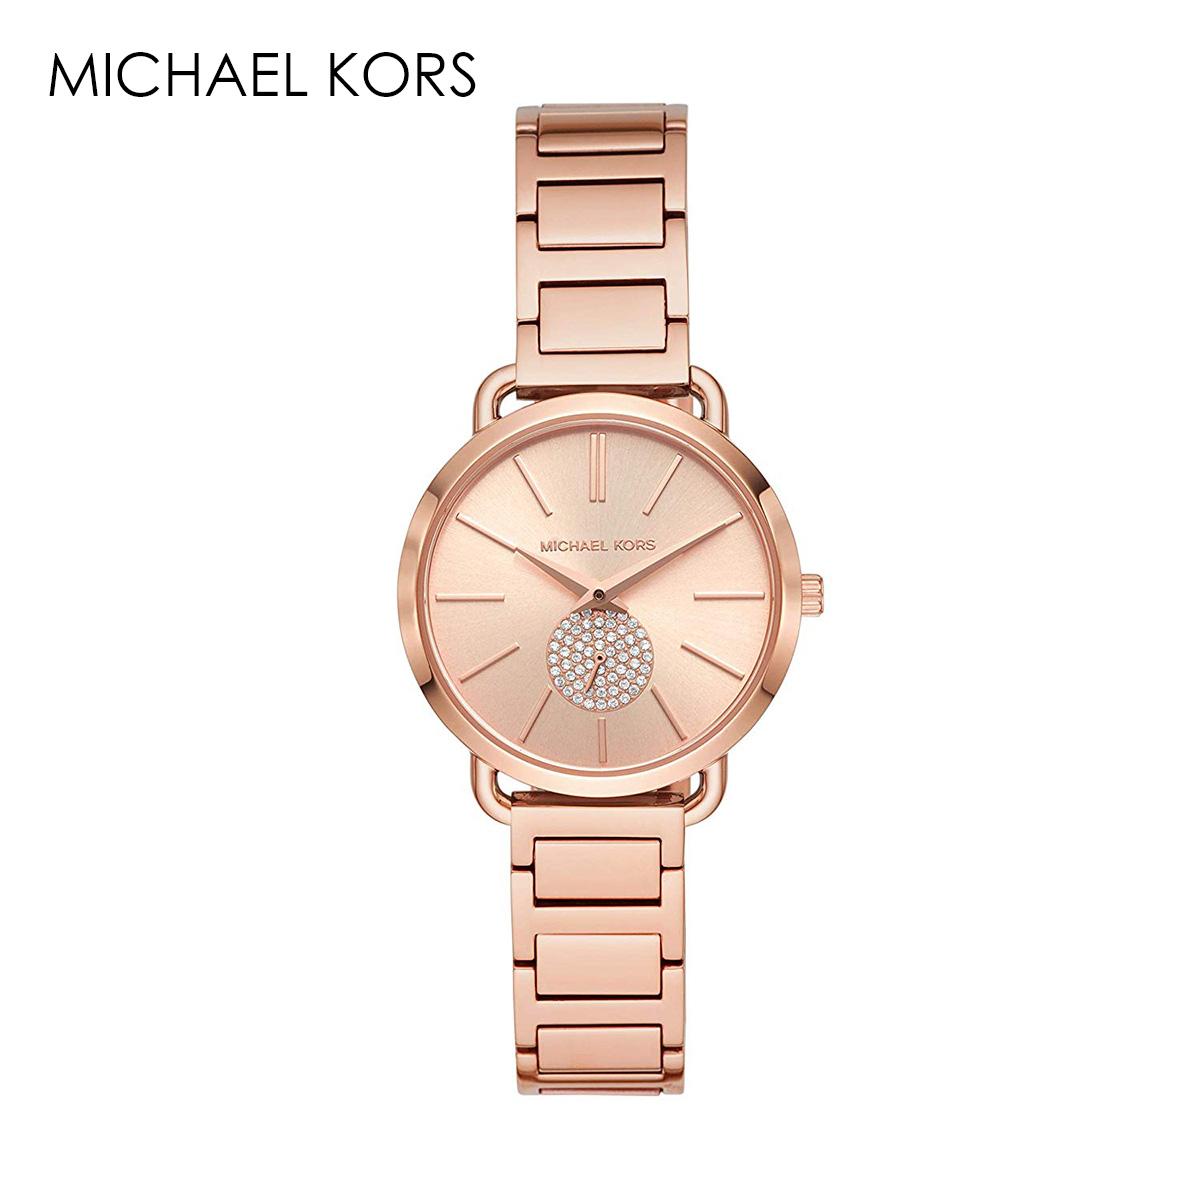 【全品送料無料】 Michael Kors マイケルコース mk4331 レディース 時計 腕時計 クオーツ